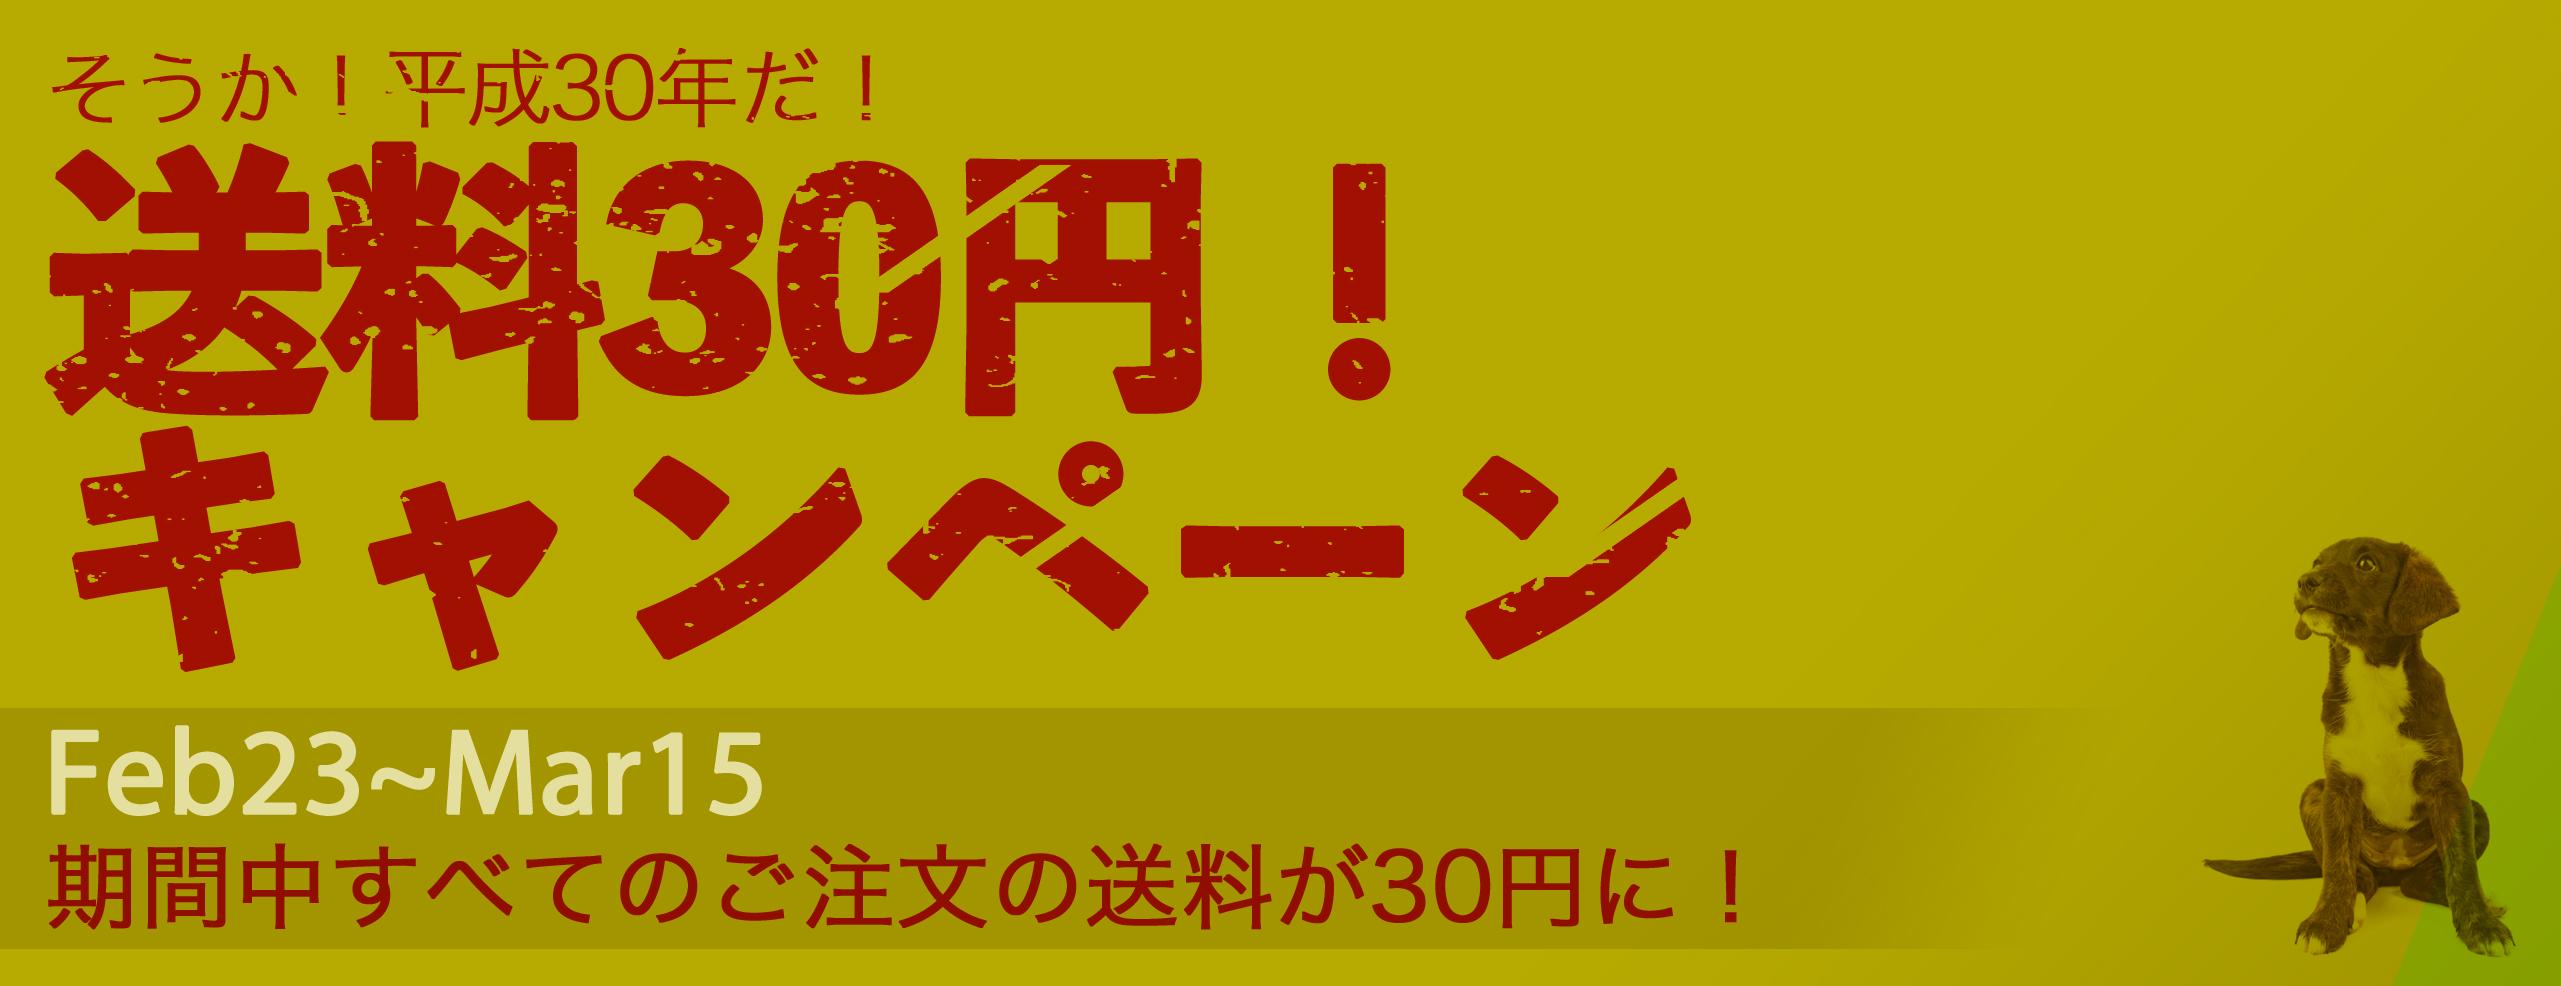 終了【2/23〜3/15】「そうか!平成30年だ!送料30円!」キャンペーン